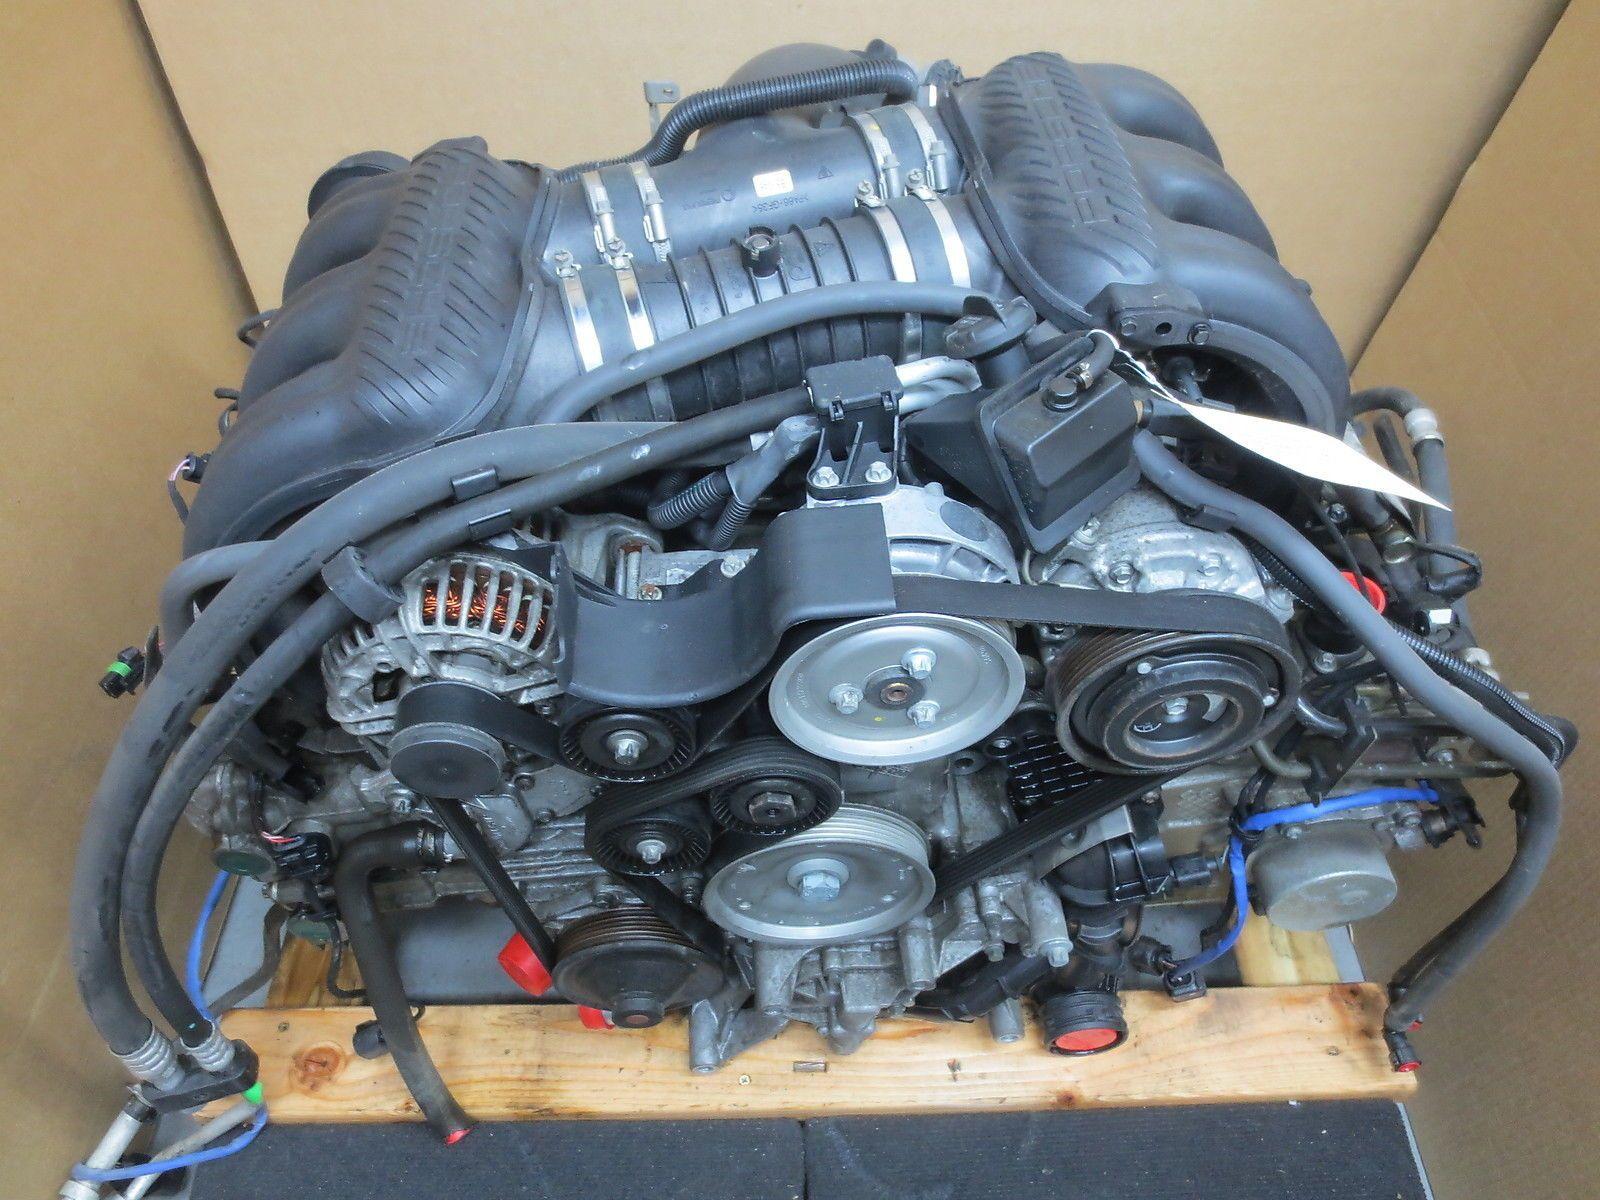 05 porsche 987 boxster 2 7 complete engine motor 2. Black Bedroom Furniture Sets. Home Design Ideas